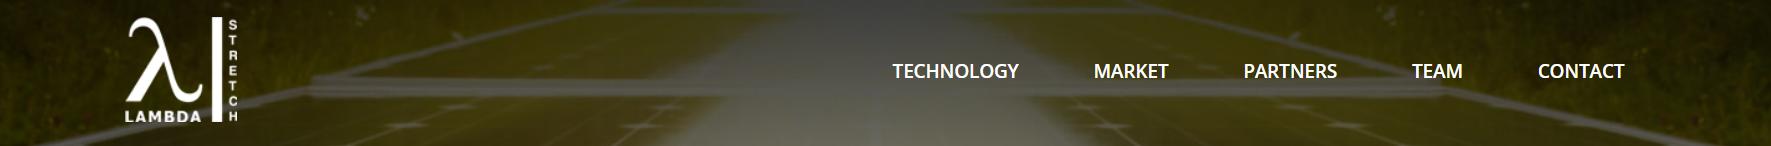 Lambda Stretch Logo on Website - www.lambdaStretch.com